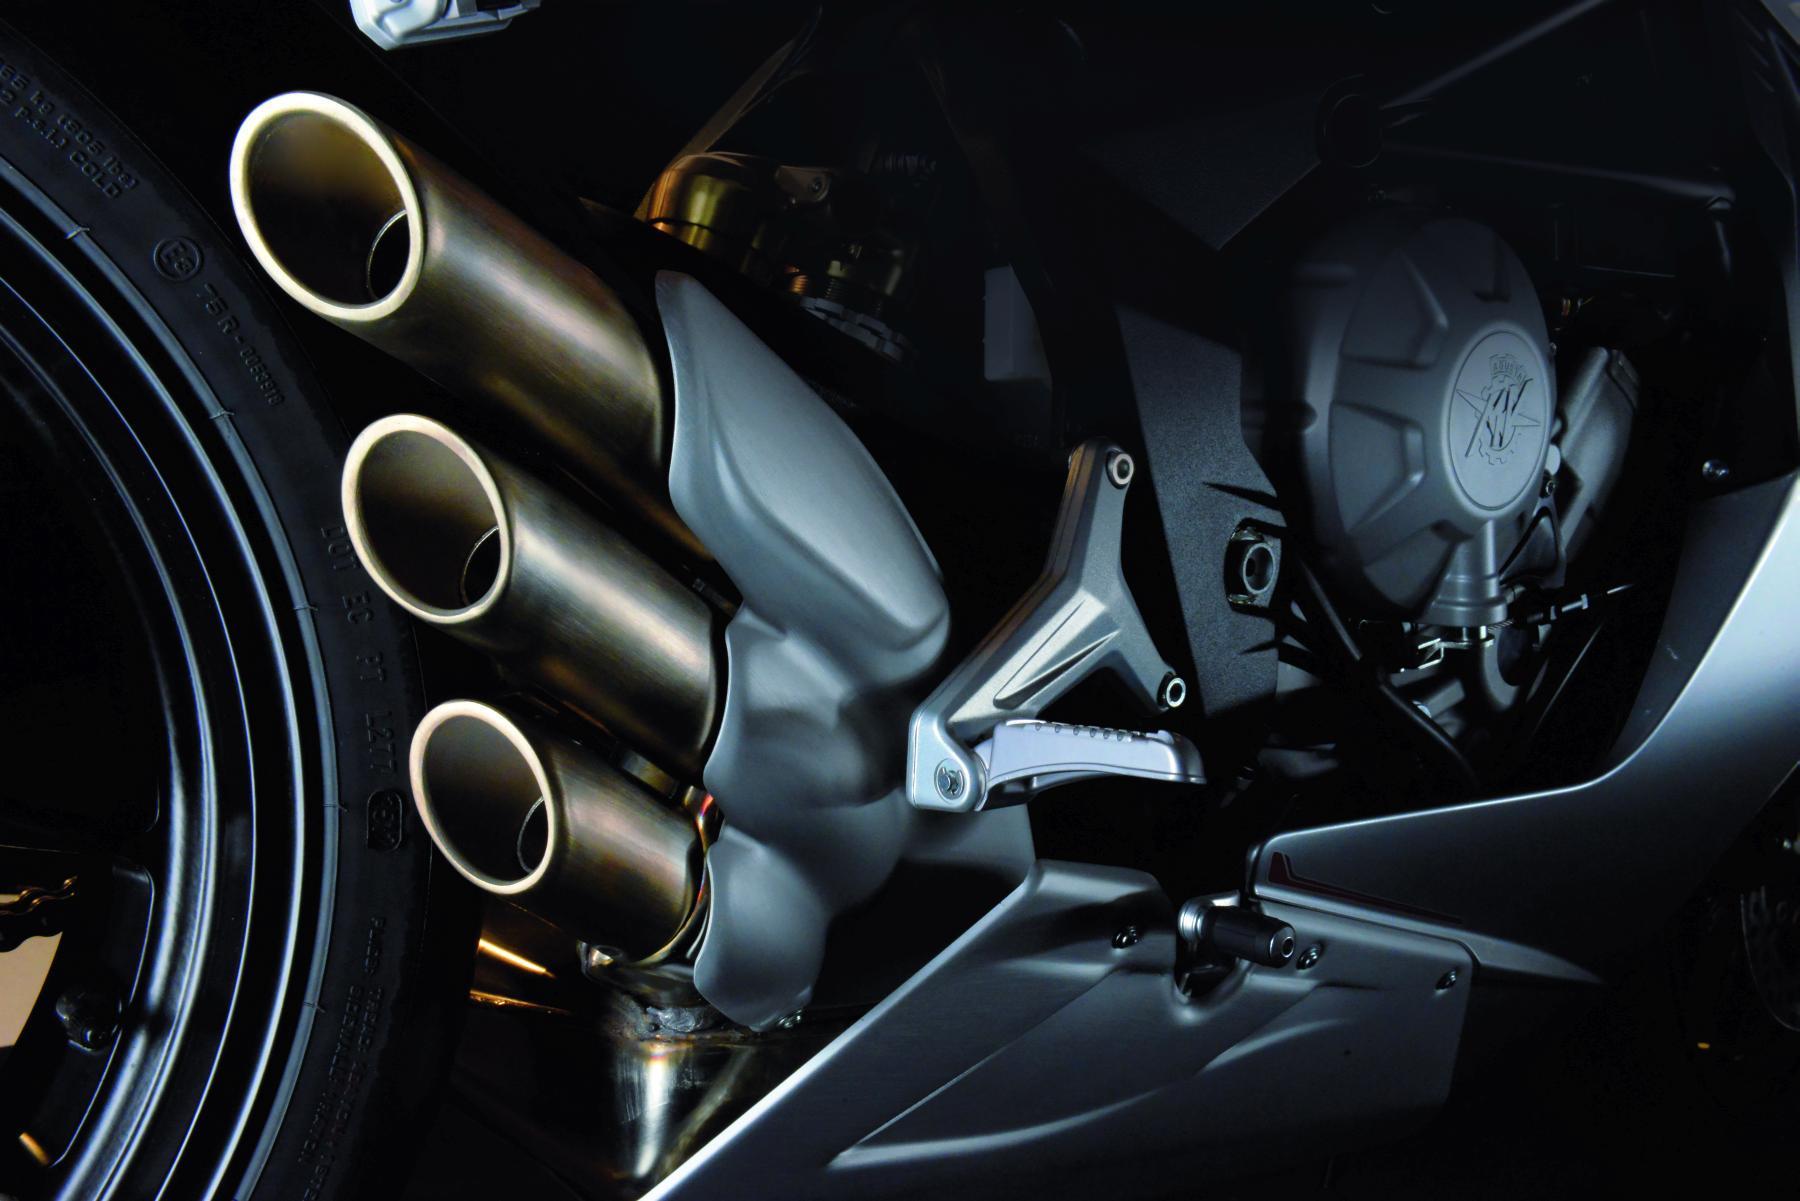 Wie schon die erste F4 750 vier besessen hat, besitzt die MV Agusta F3 800 nun drei Orgelpfeifen als Auspuff.